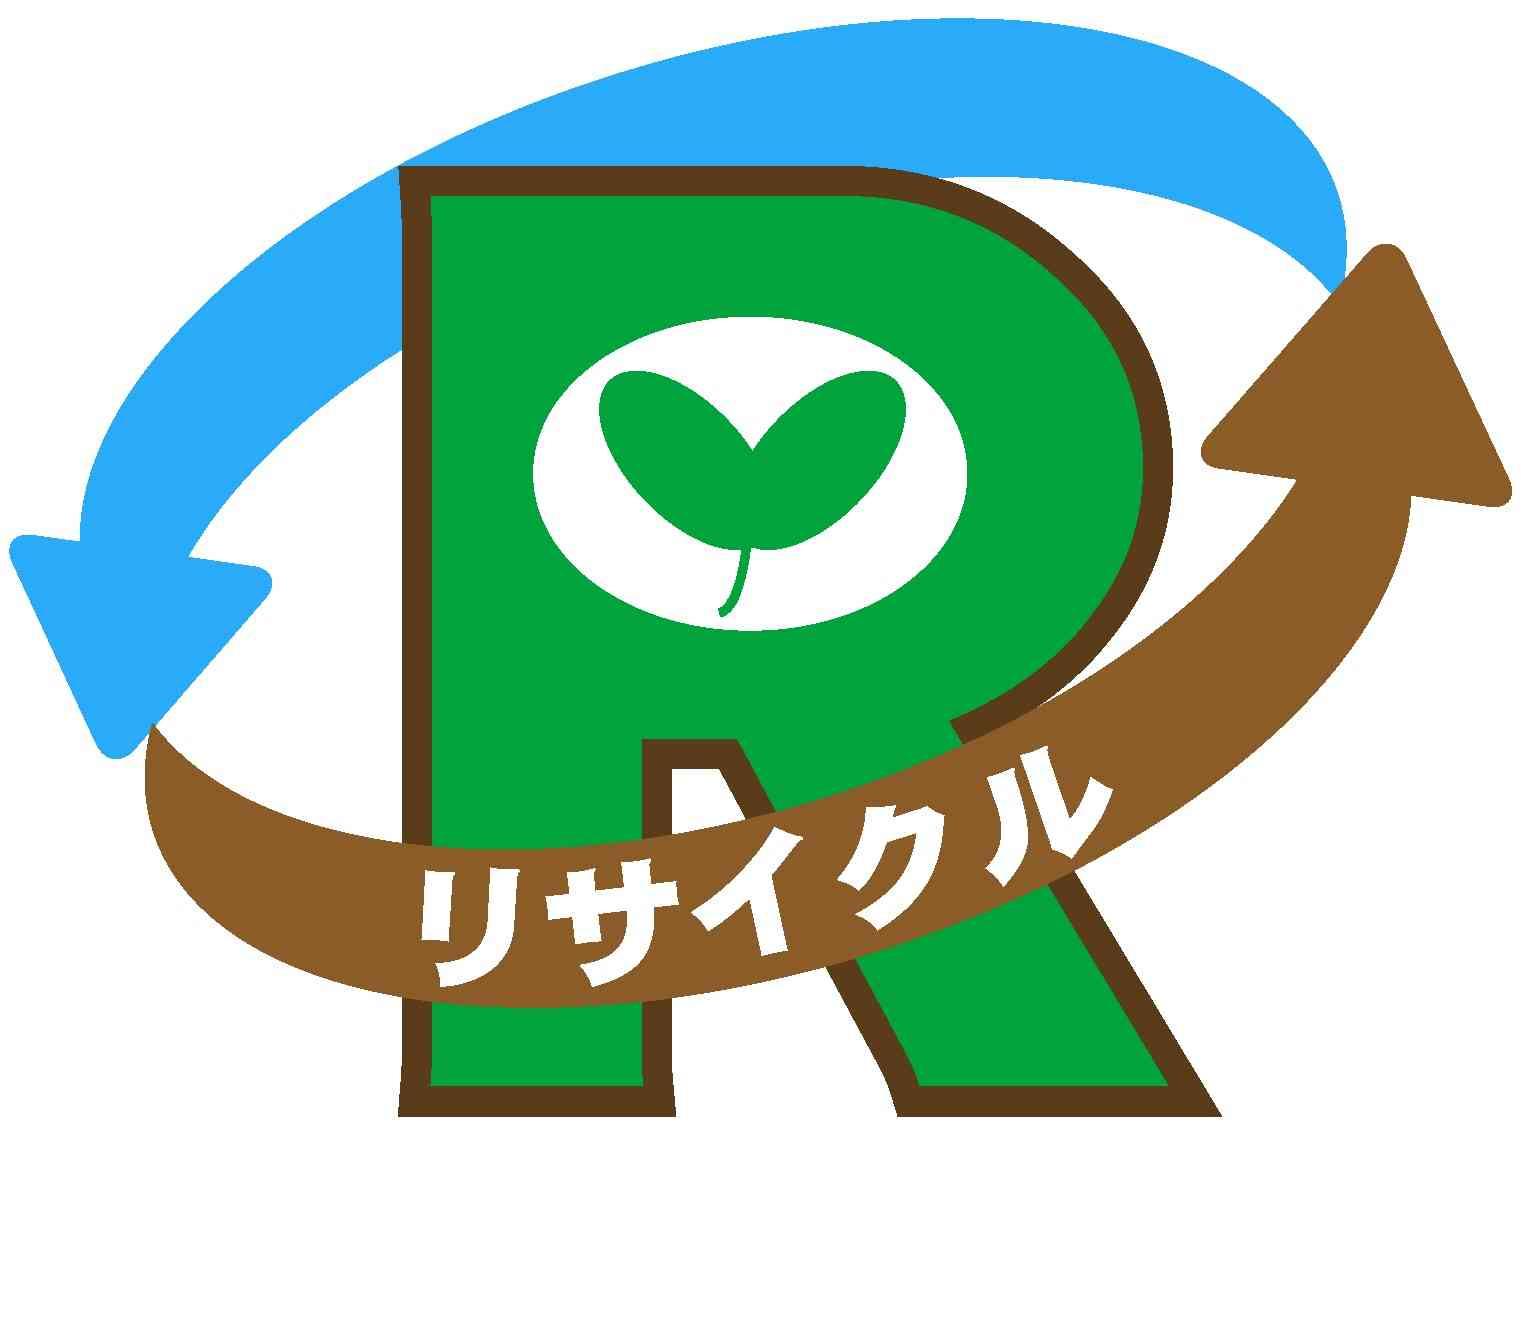 リサイクルショップ利用しますか?